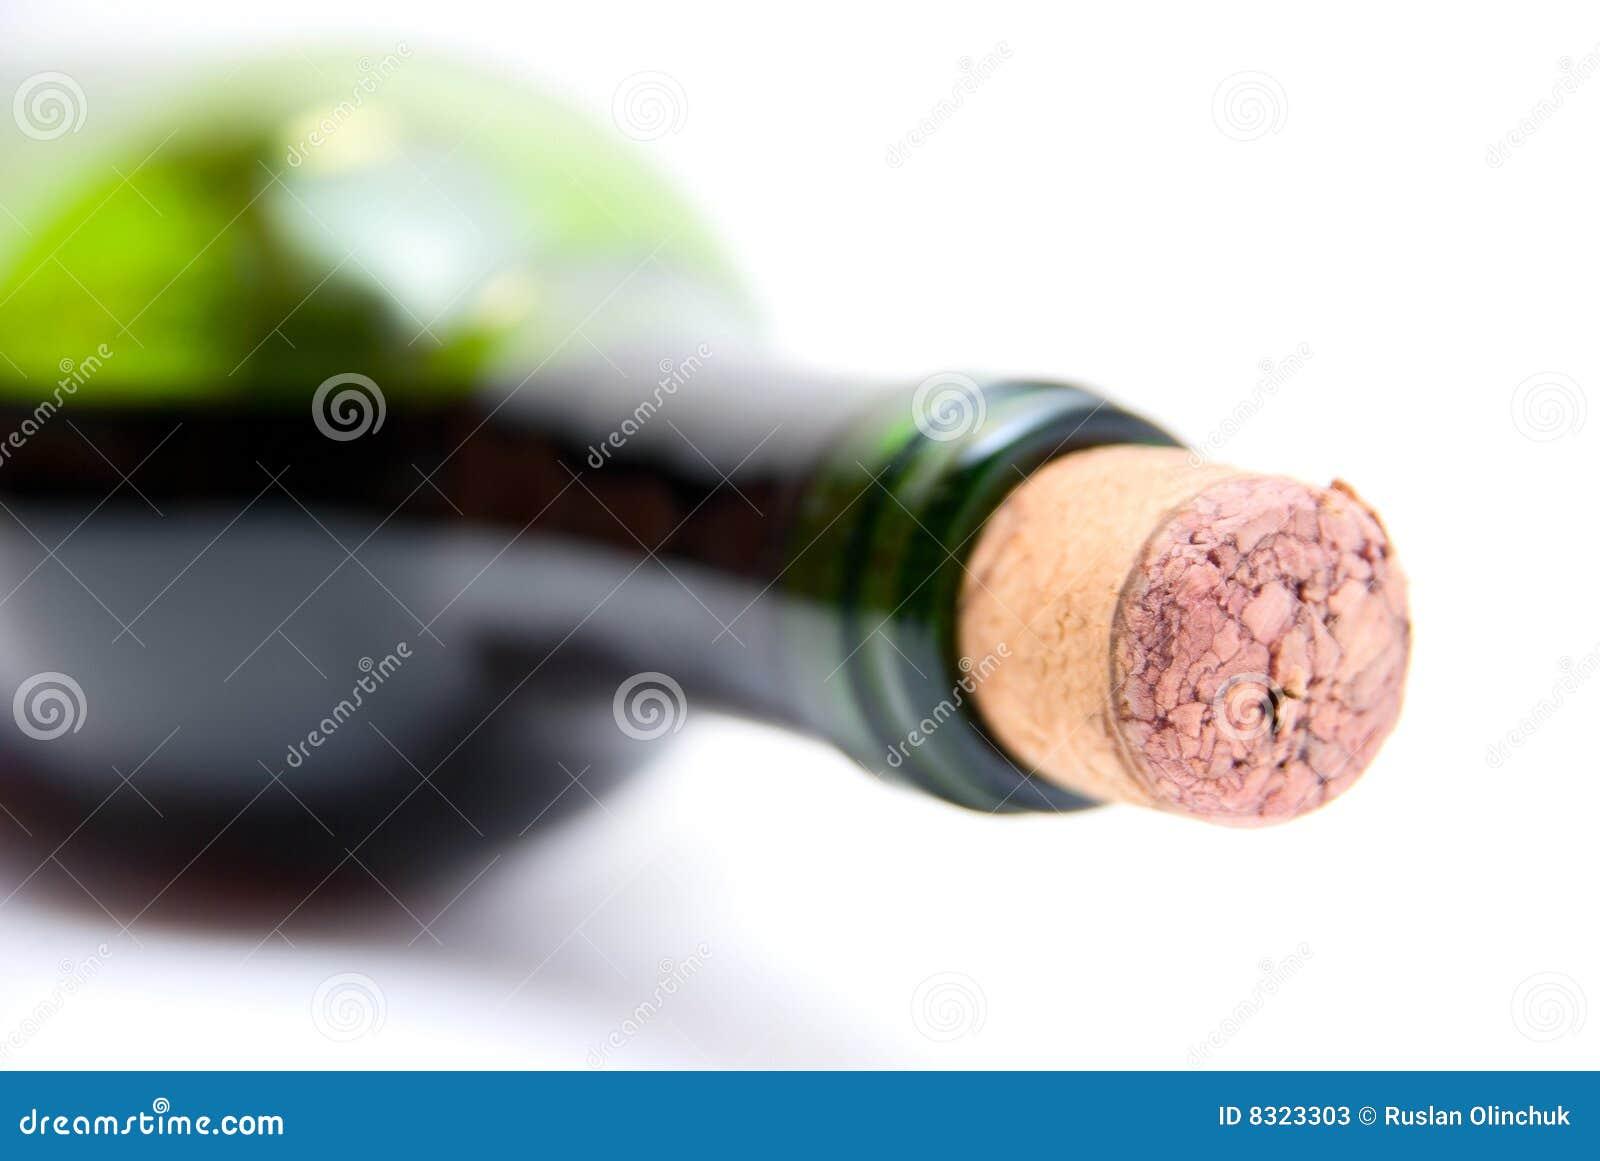 Κινηματογράφηση σε πρώτο πλάνο του μπουκαλιού του κόκκινου κρασιού